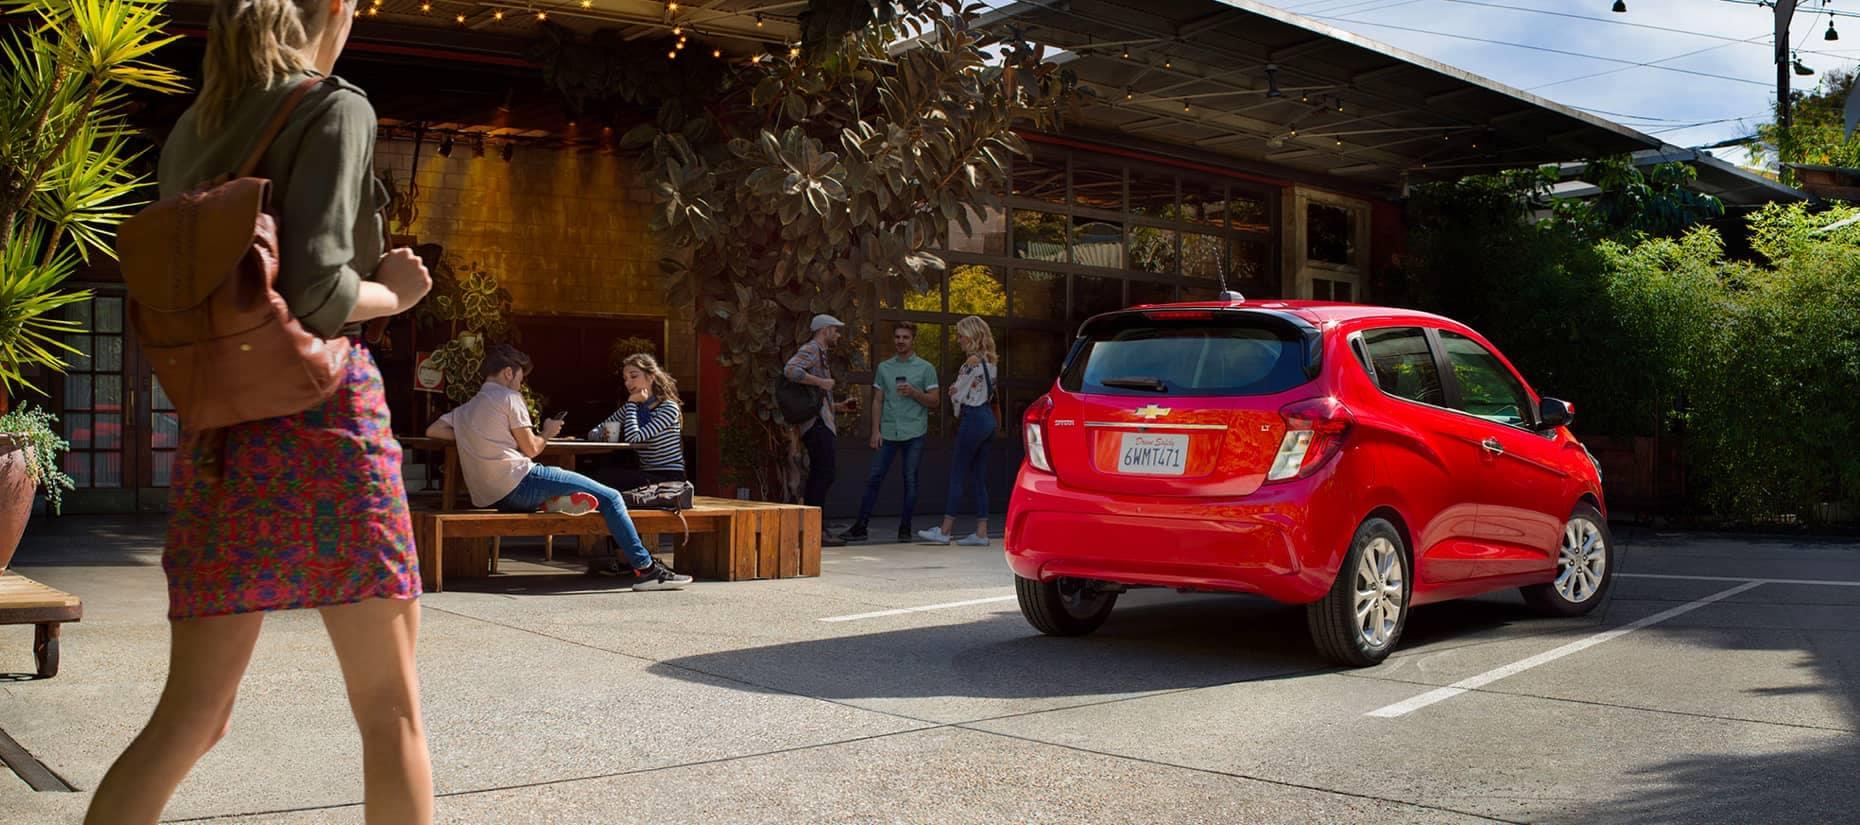 An exterior shot of a Chevrolet Bolt